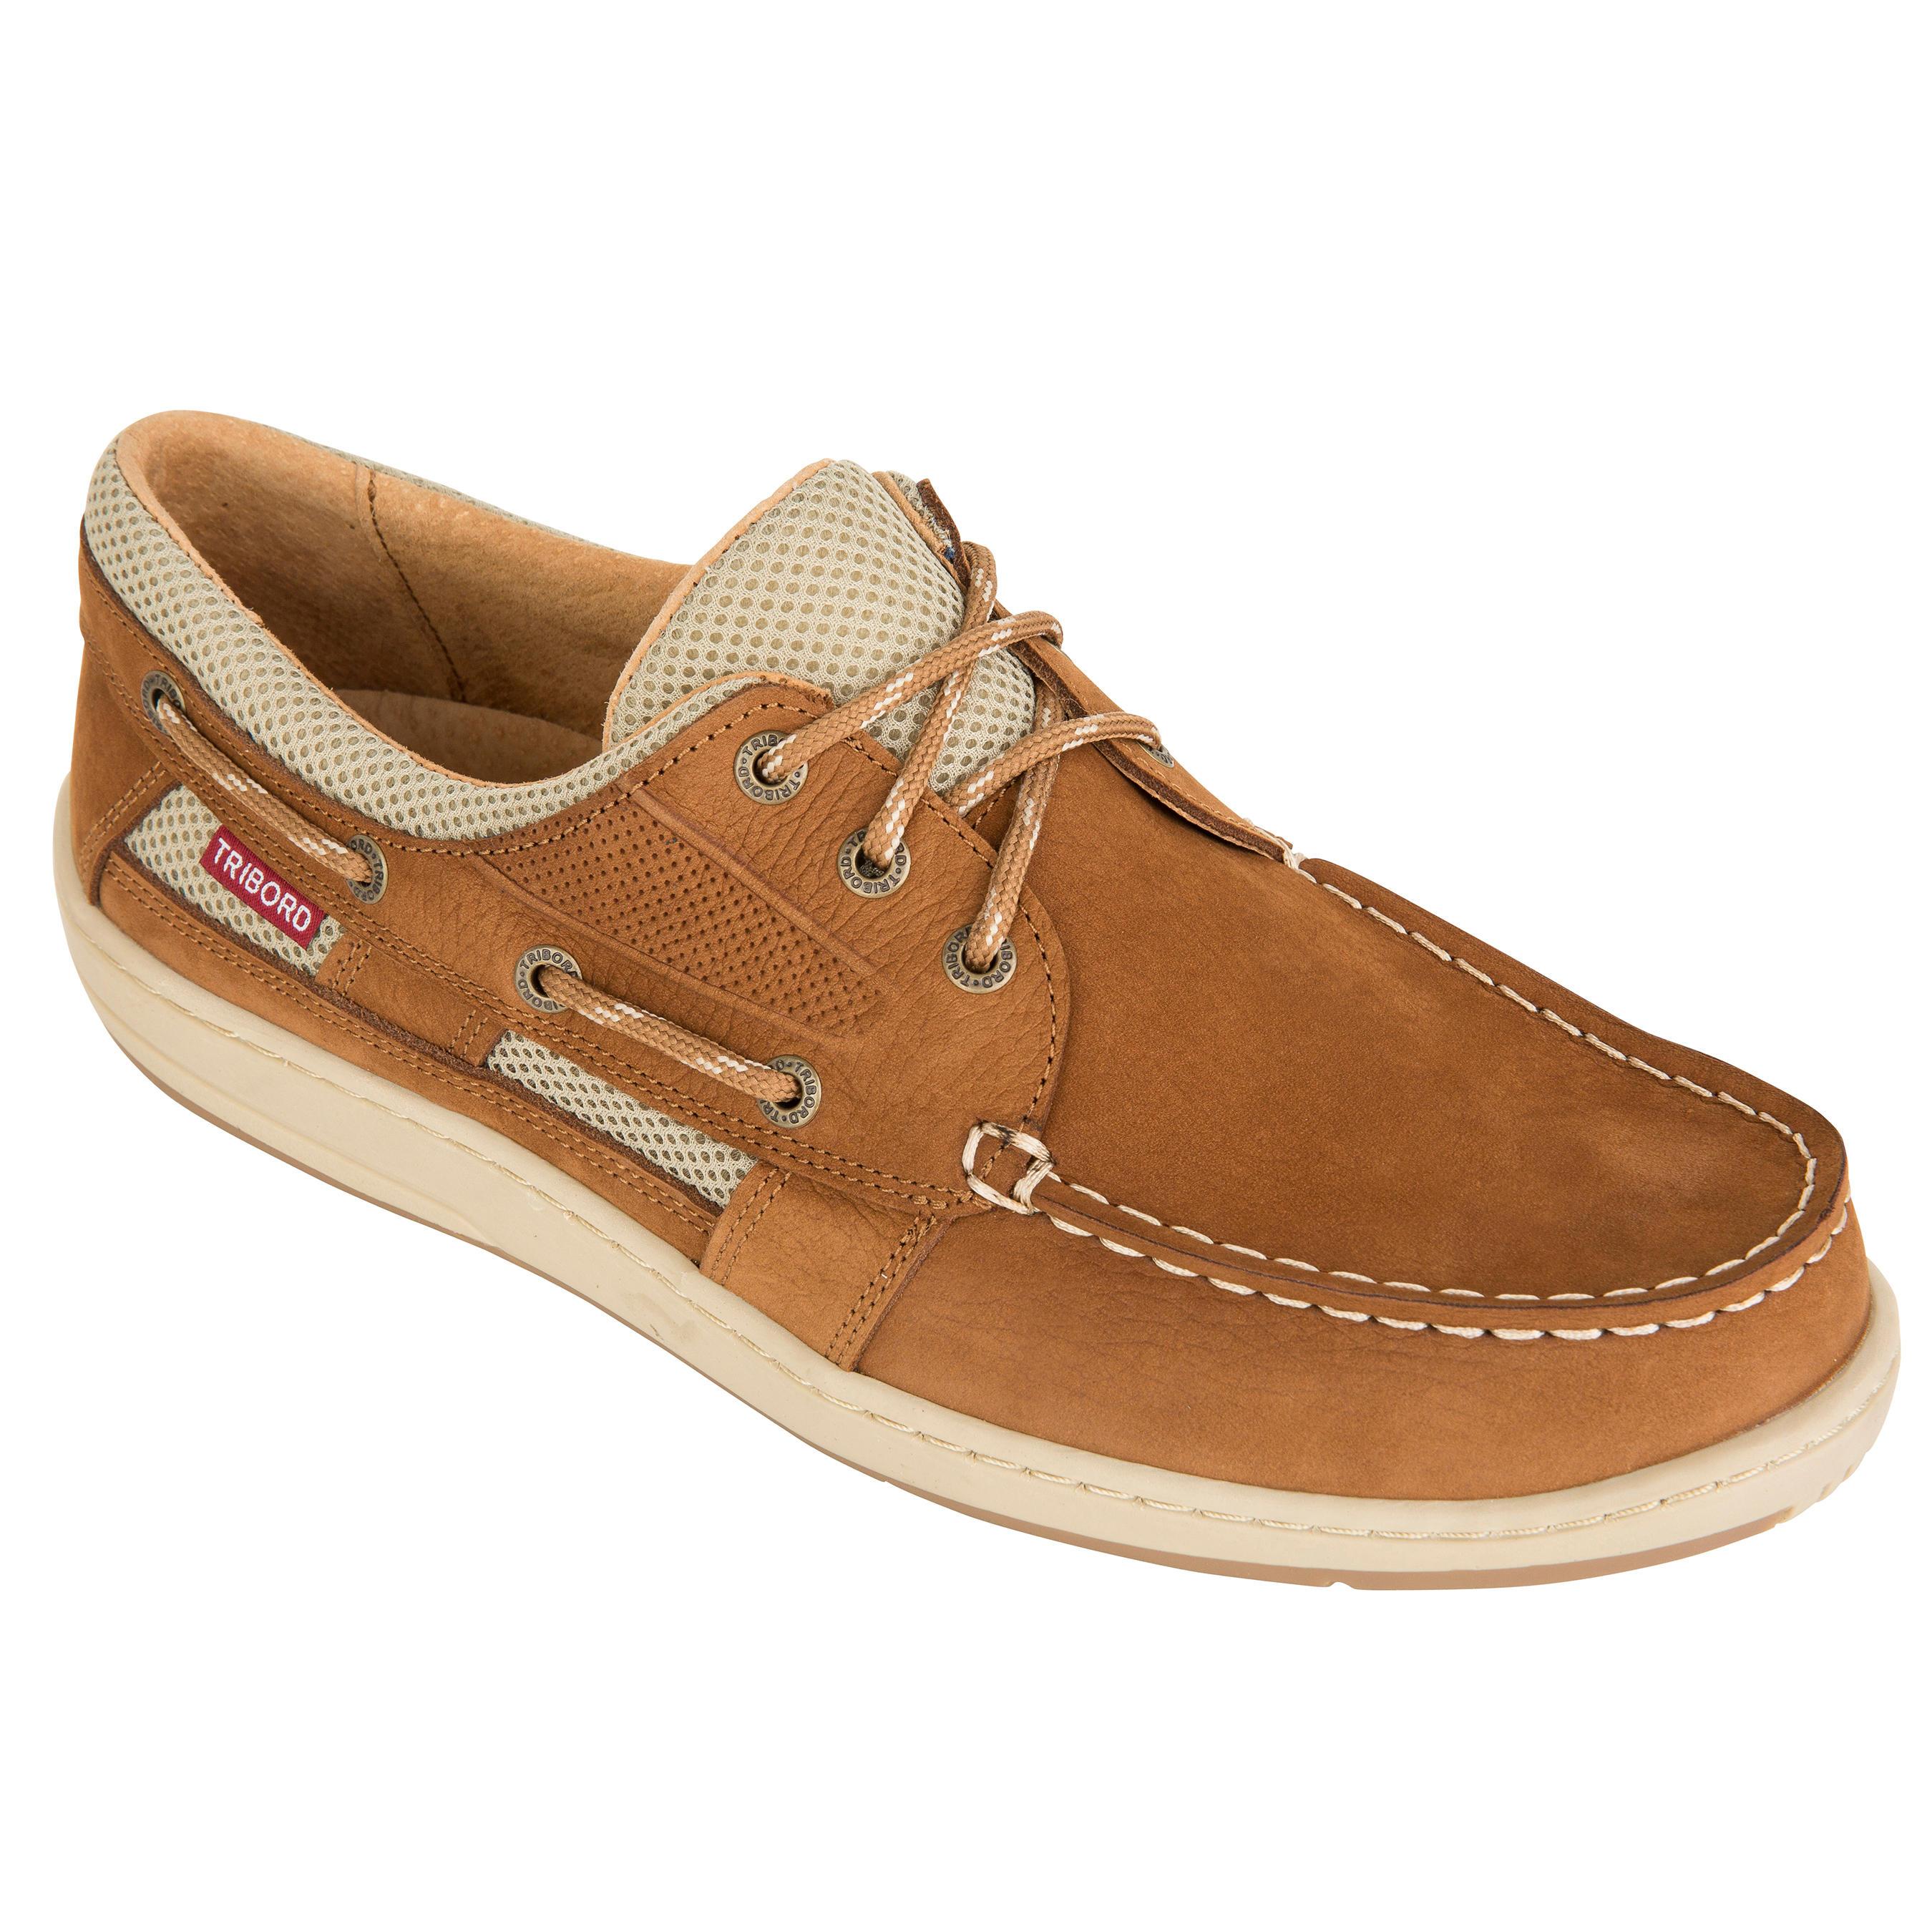 Clipper Chaussures Marron Bateau Homme Homme Chaussures Bateau Marron Clipper YED9WH2I